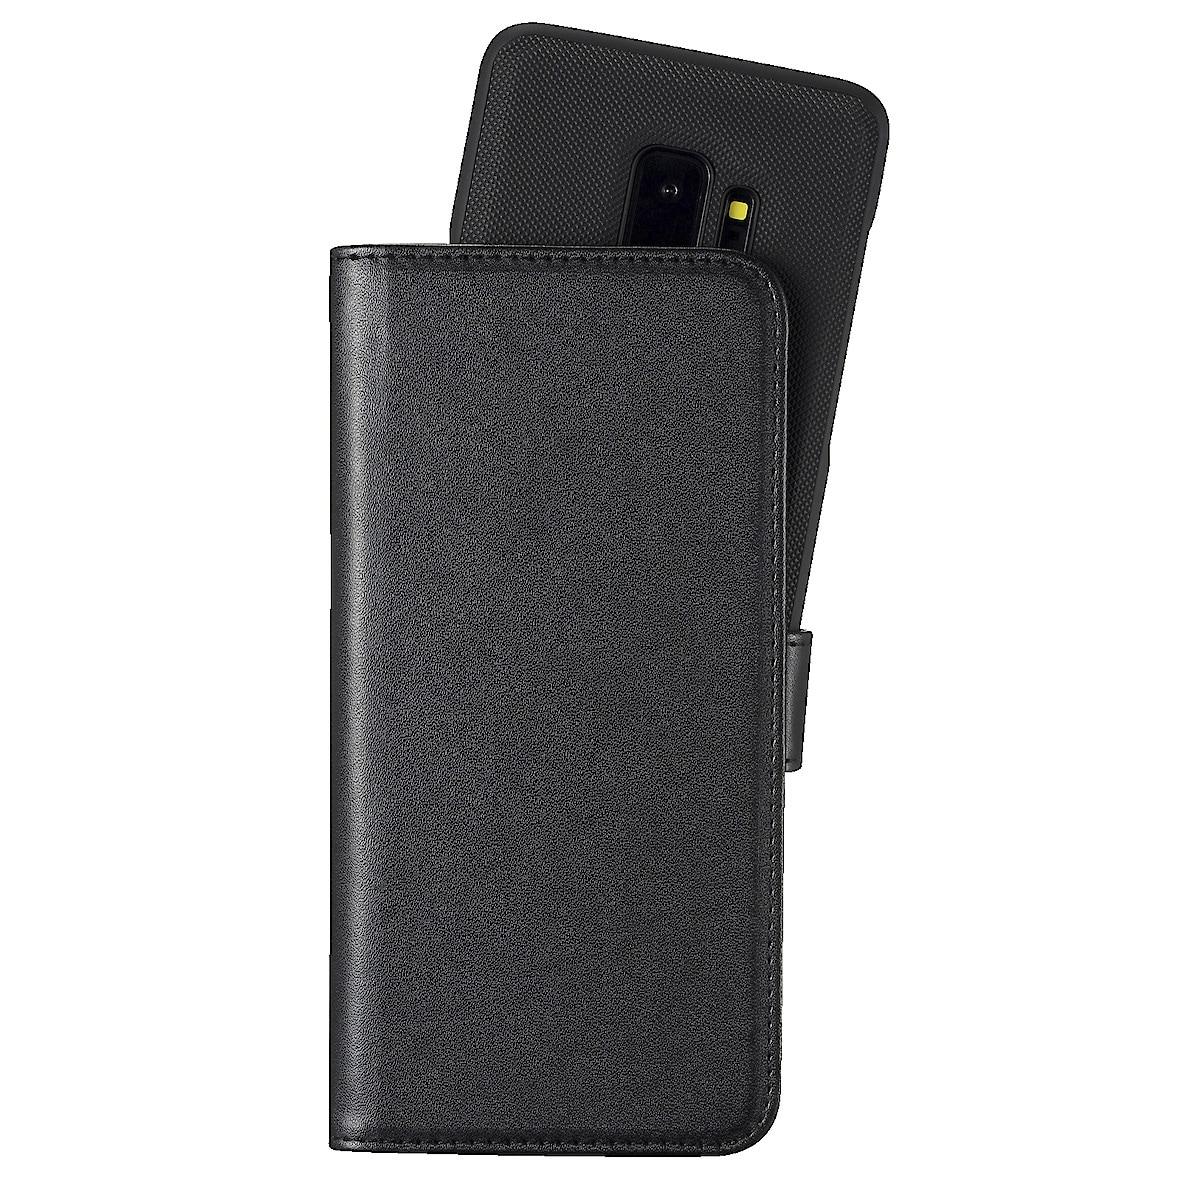 Plånboksfodral för Samsung Galaxy S9+ Holdit